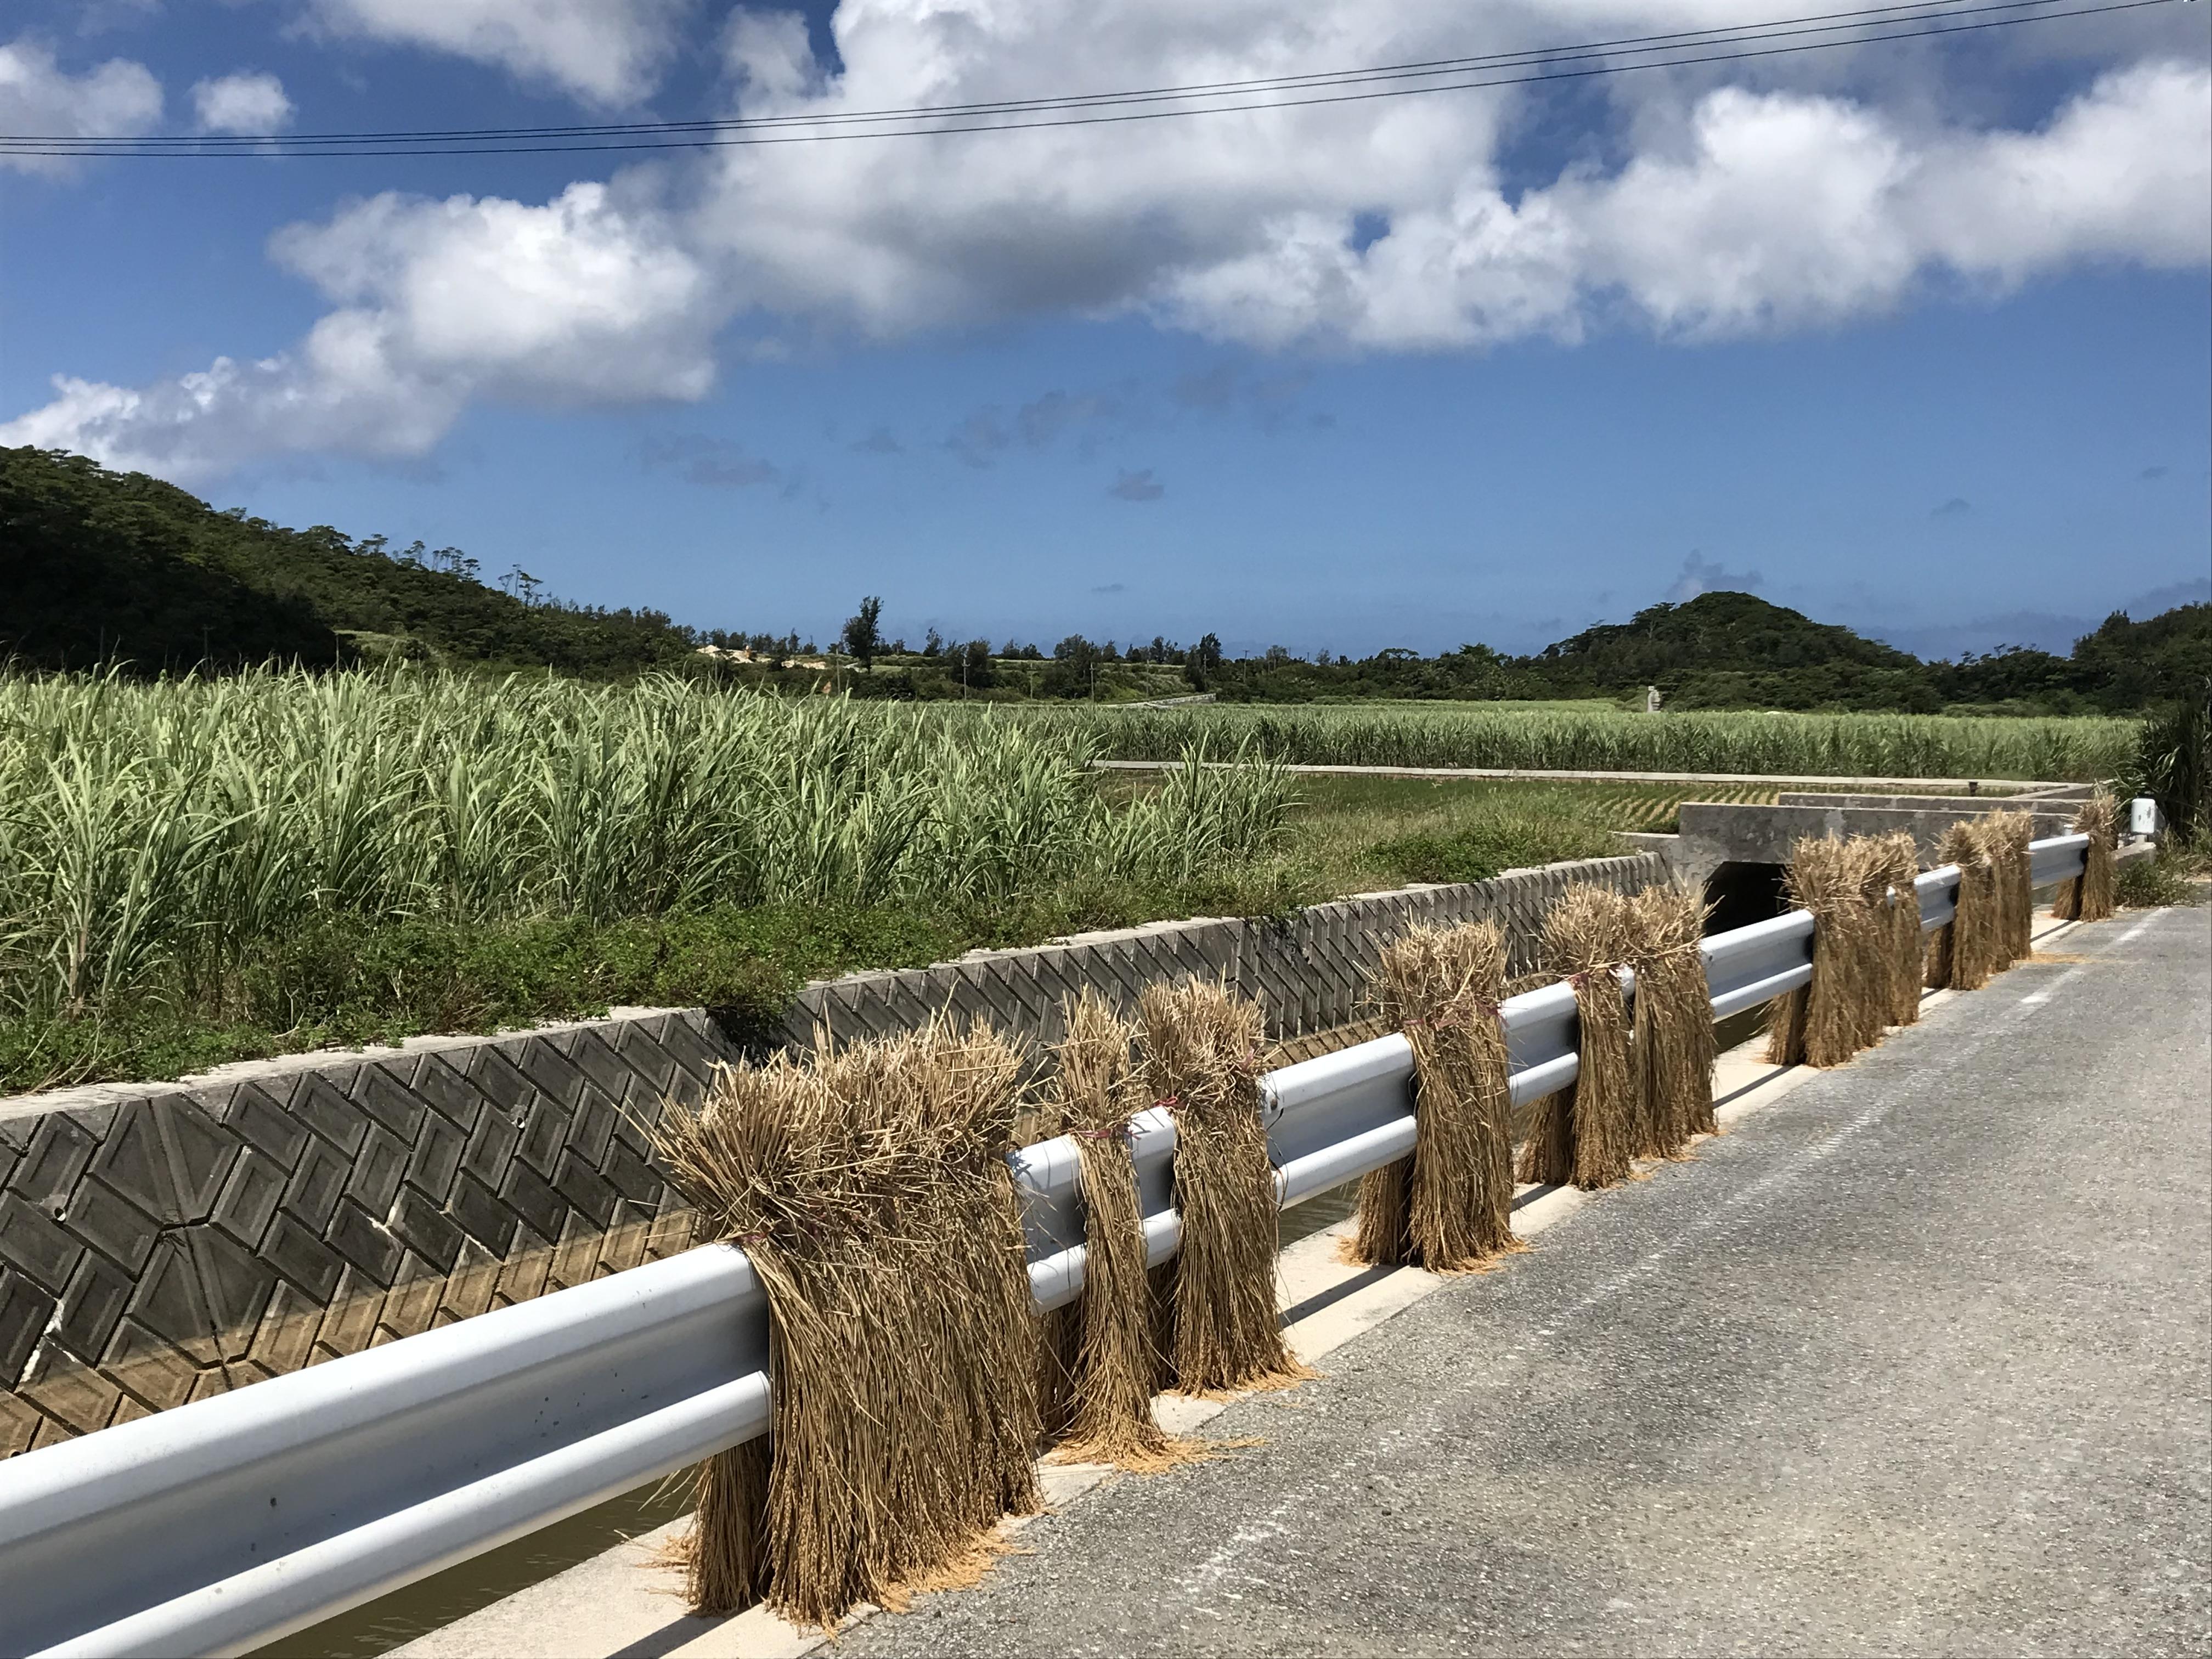 伊平屋刈り取られた稲がガードレールで天日干し